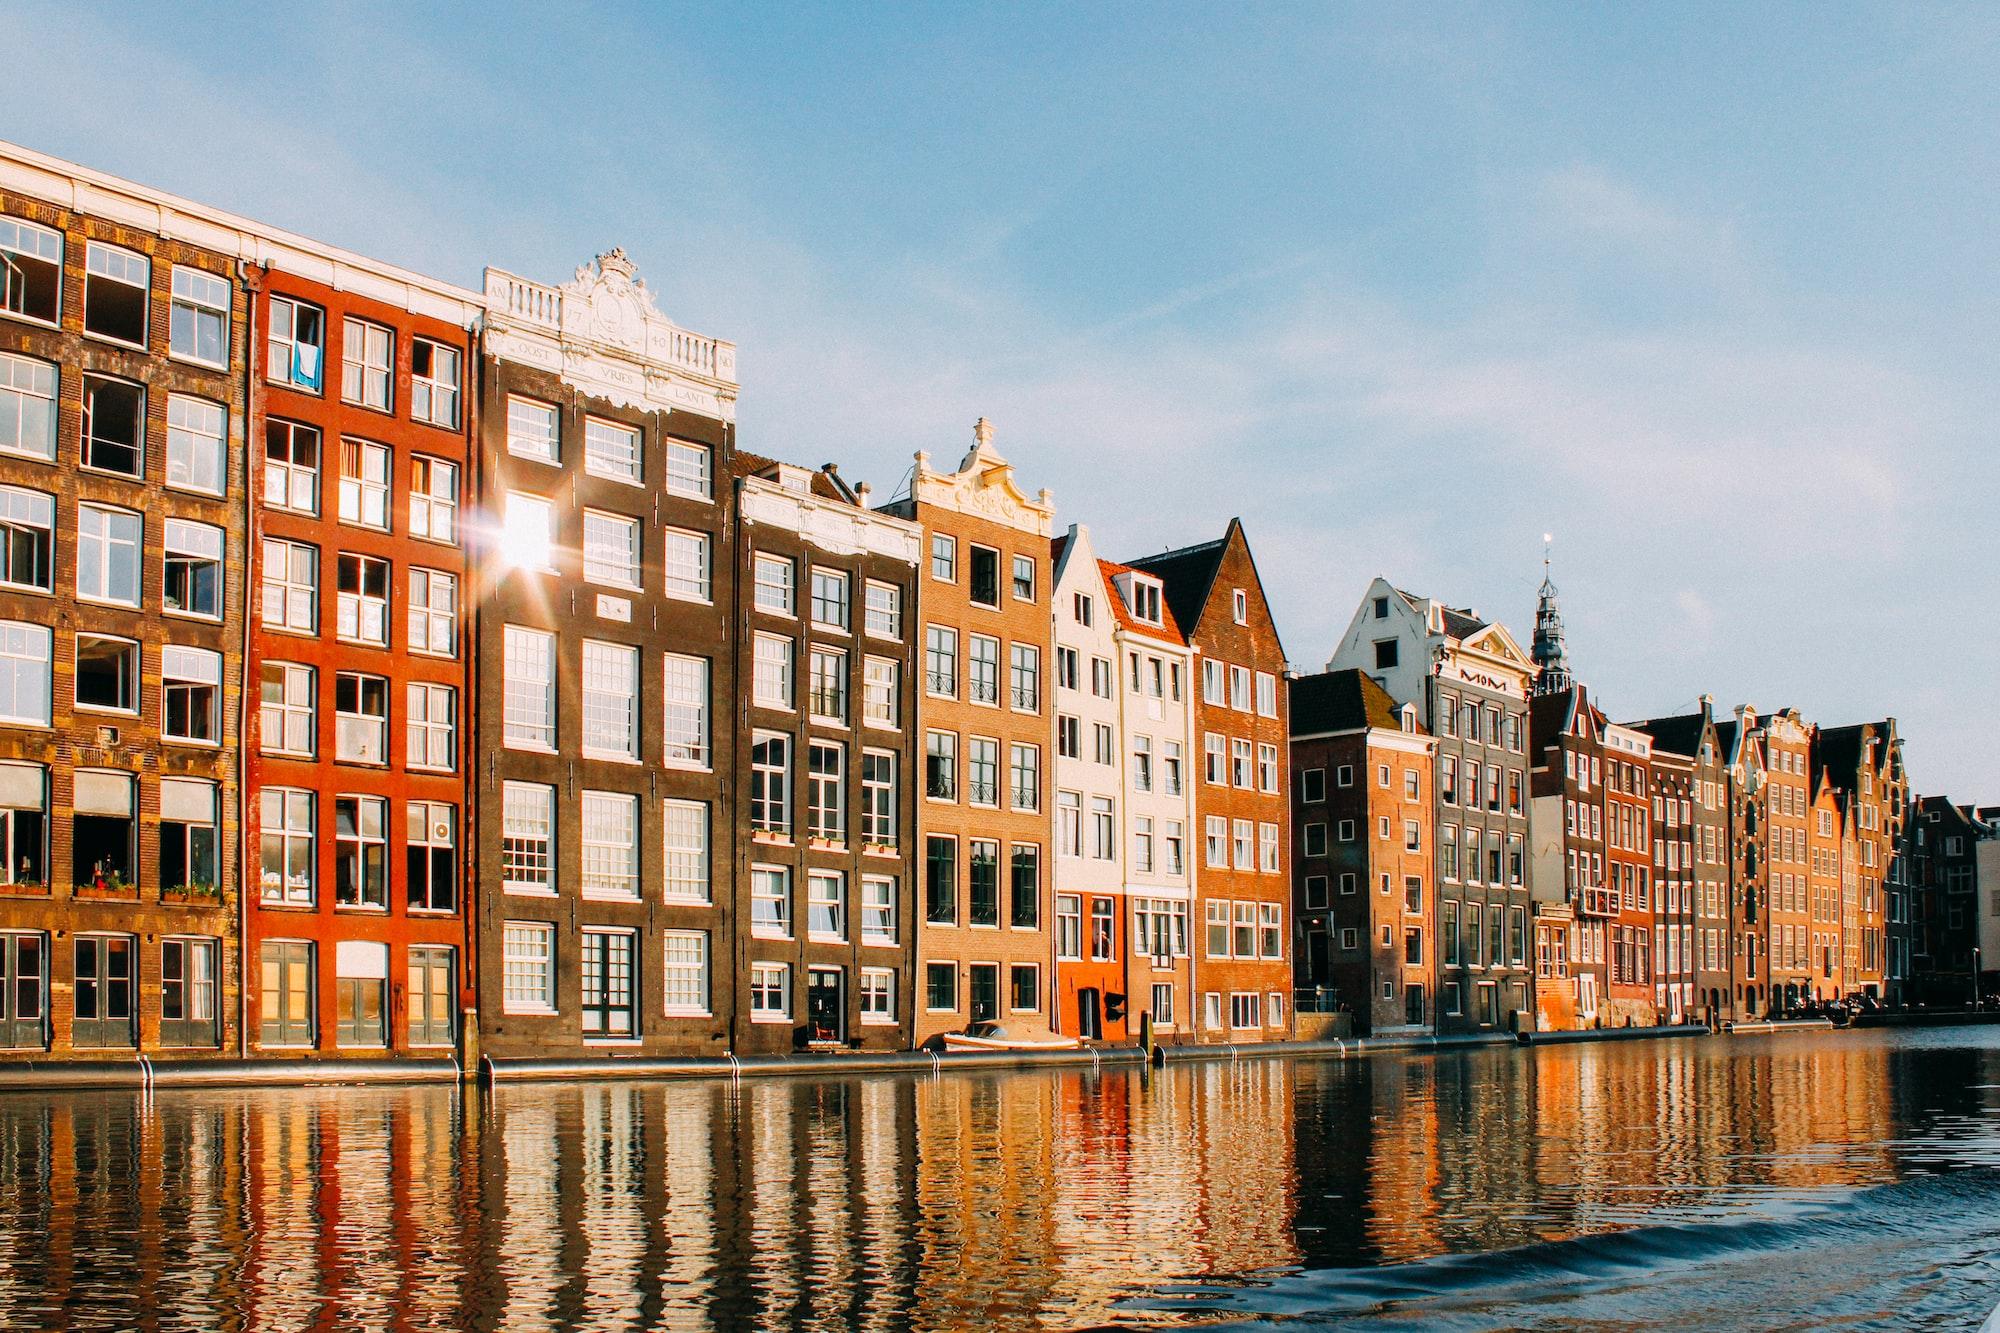 Immeubles et canal à Amsterdam aux Pays-Bas